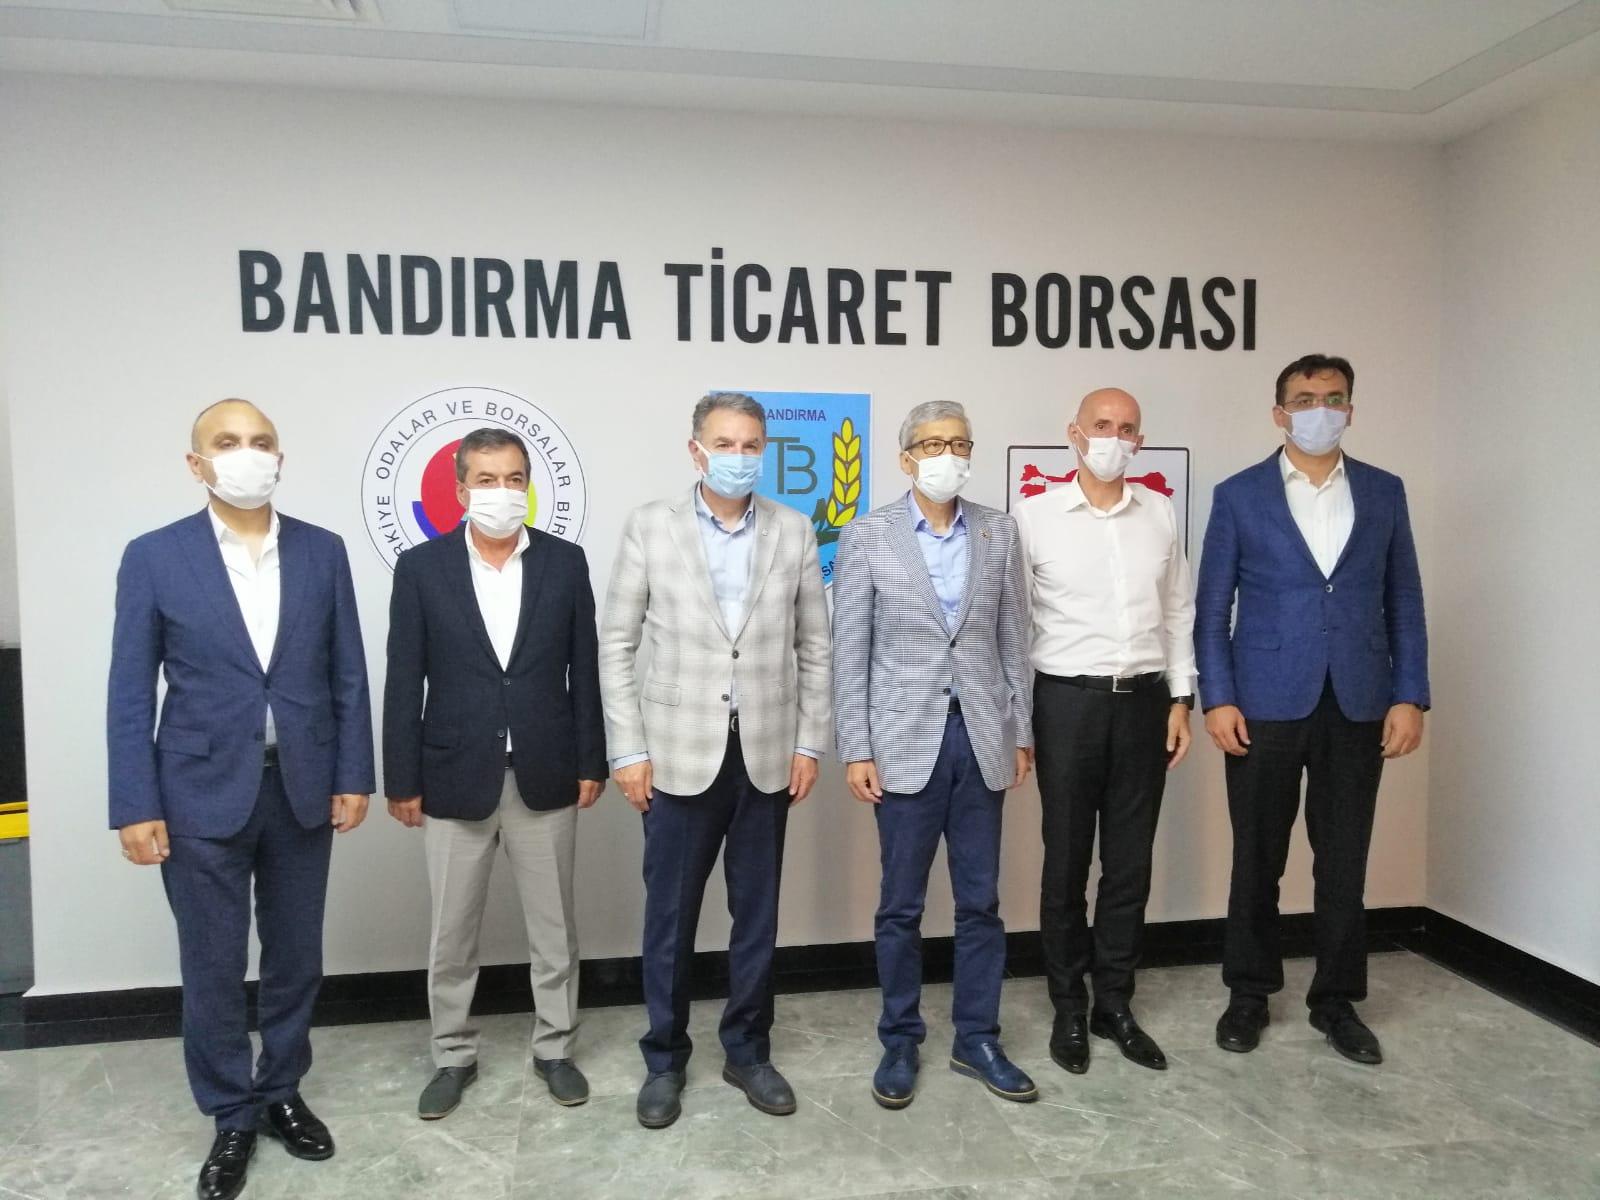 TMO GENEL MÜDÜRÜ GÜLDAL BORSAMIZI ZİYARET ETTİ.